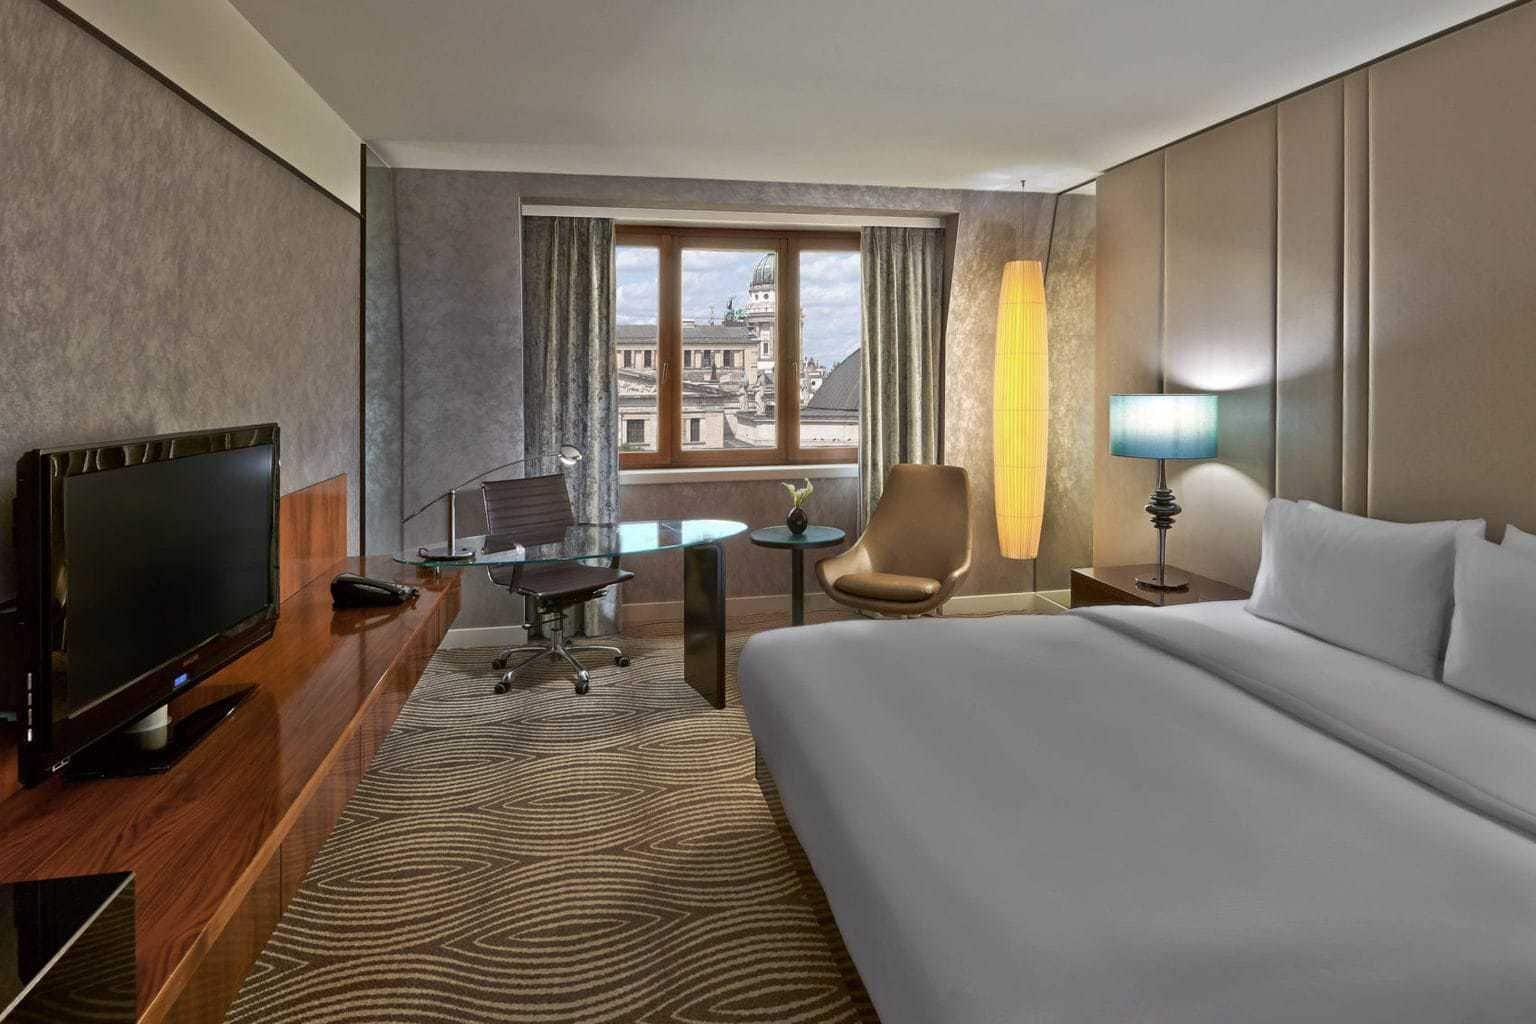 Een dubbele kamer in het Hilton hotel aan de Gendarmenmarkt in Berlijn met uitzicht op de dom